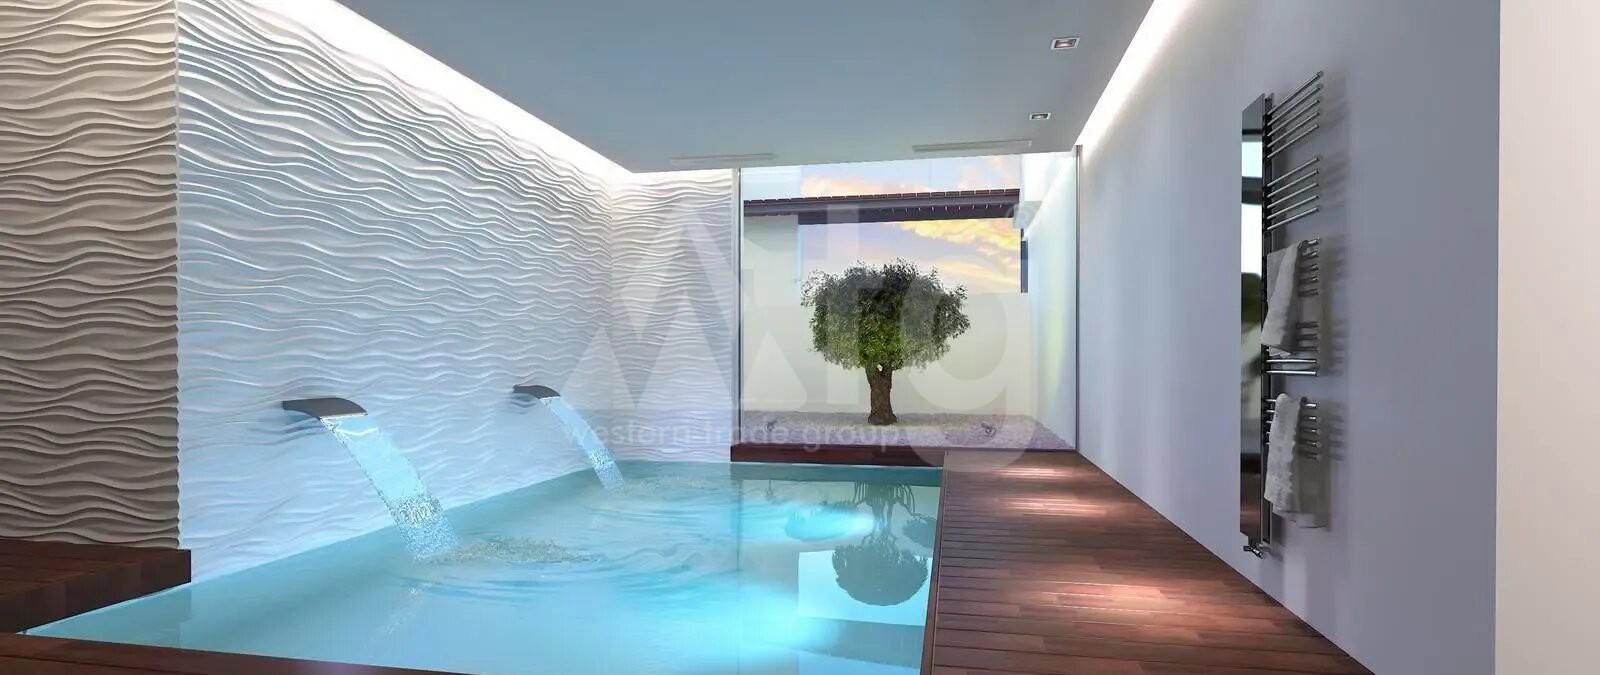 4 bedroom Villa in Los Montesinos  - GEO8327 - 4